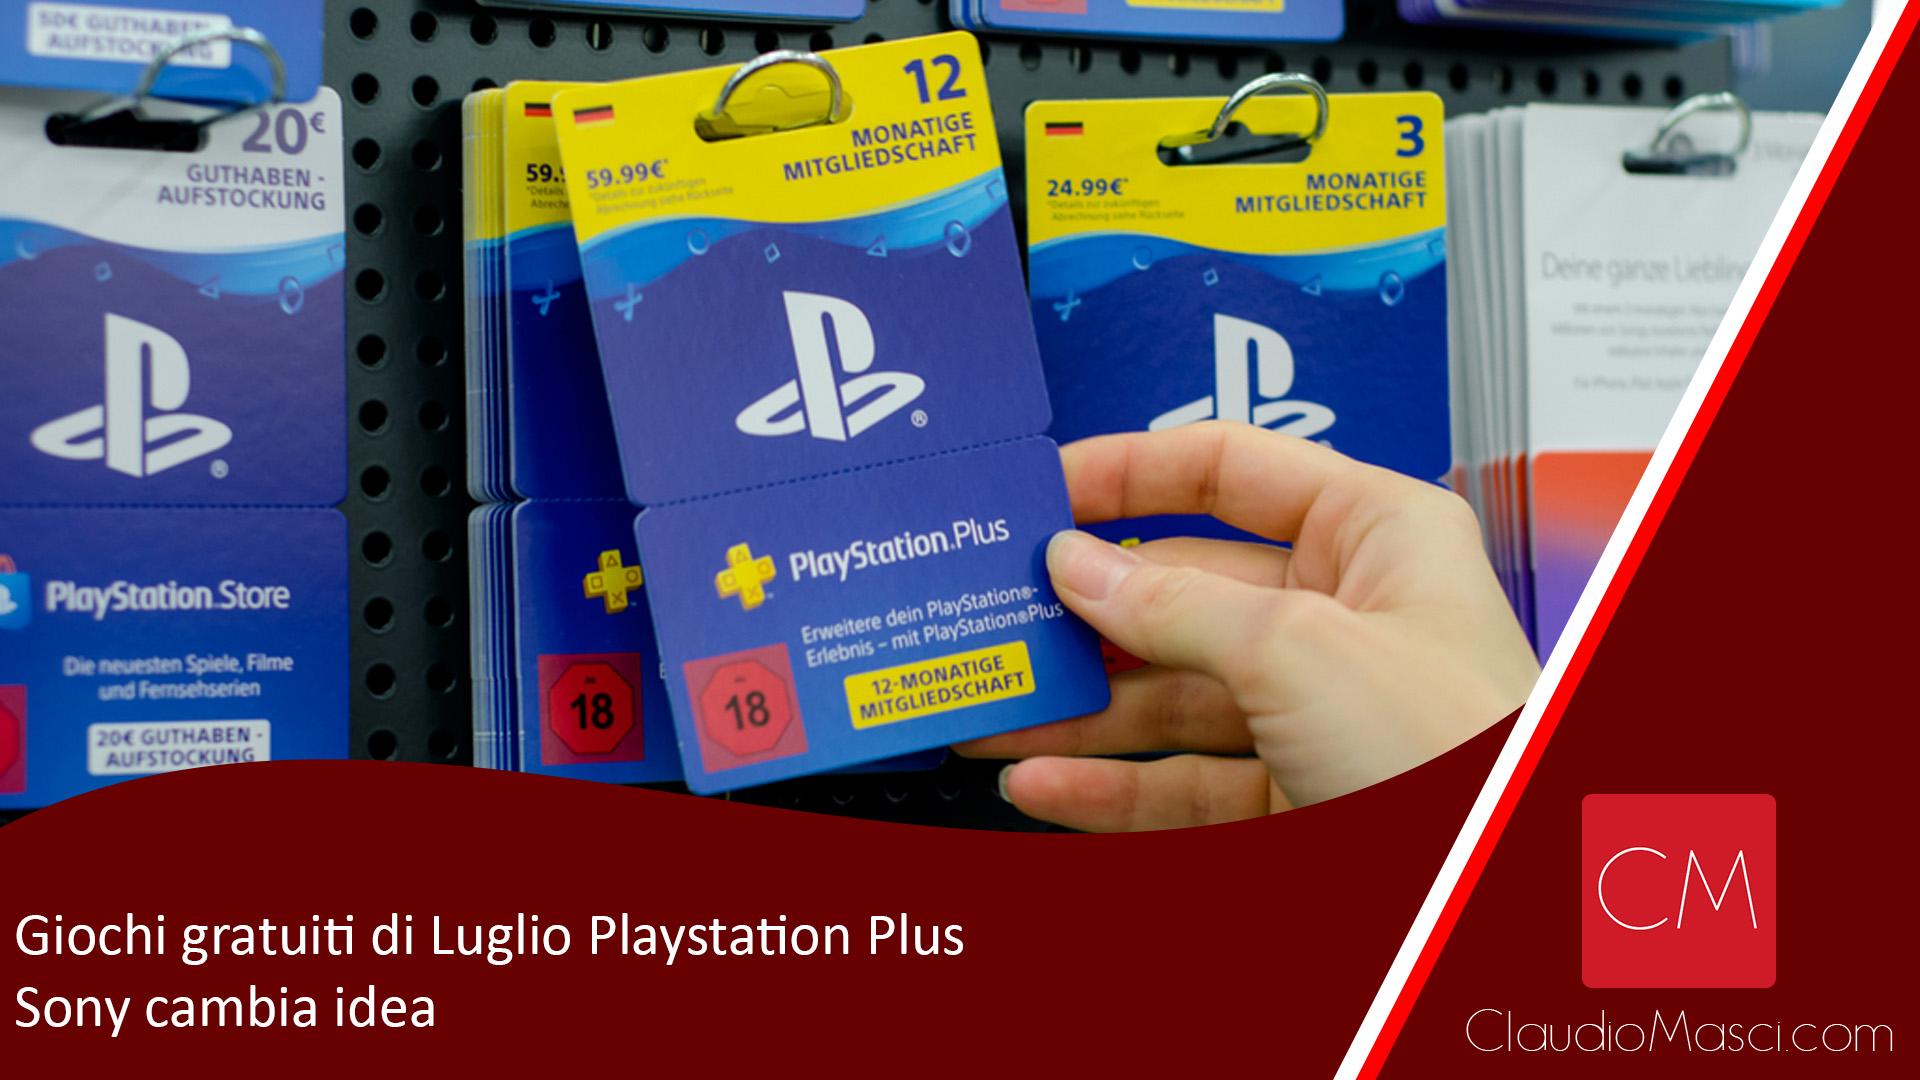 Giochi gratuiti di Luglio Playstation Plus, Sony cambia idea